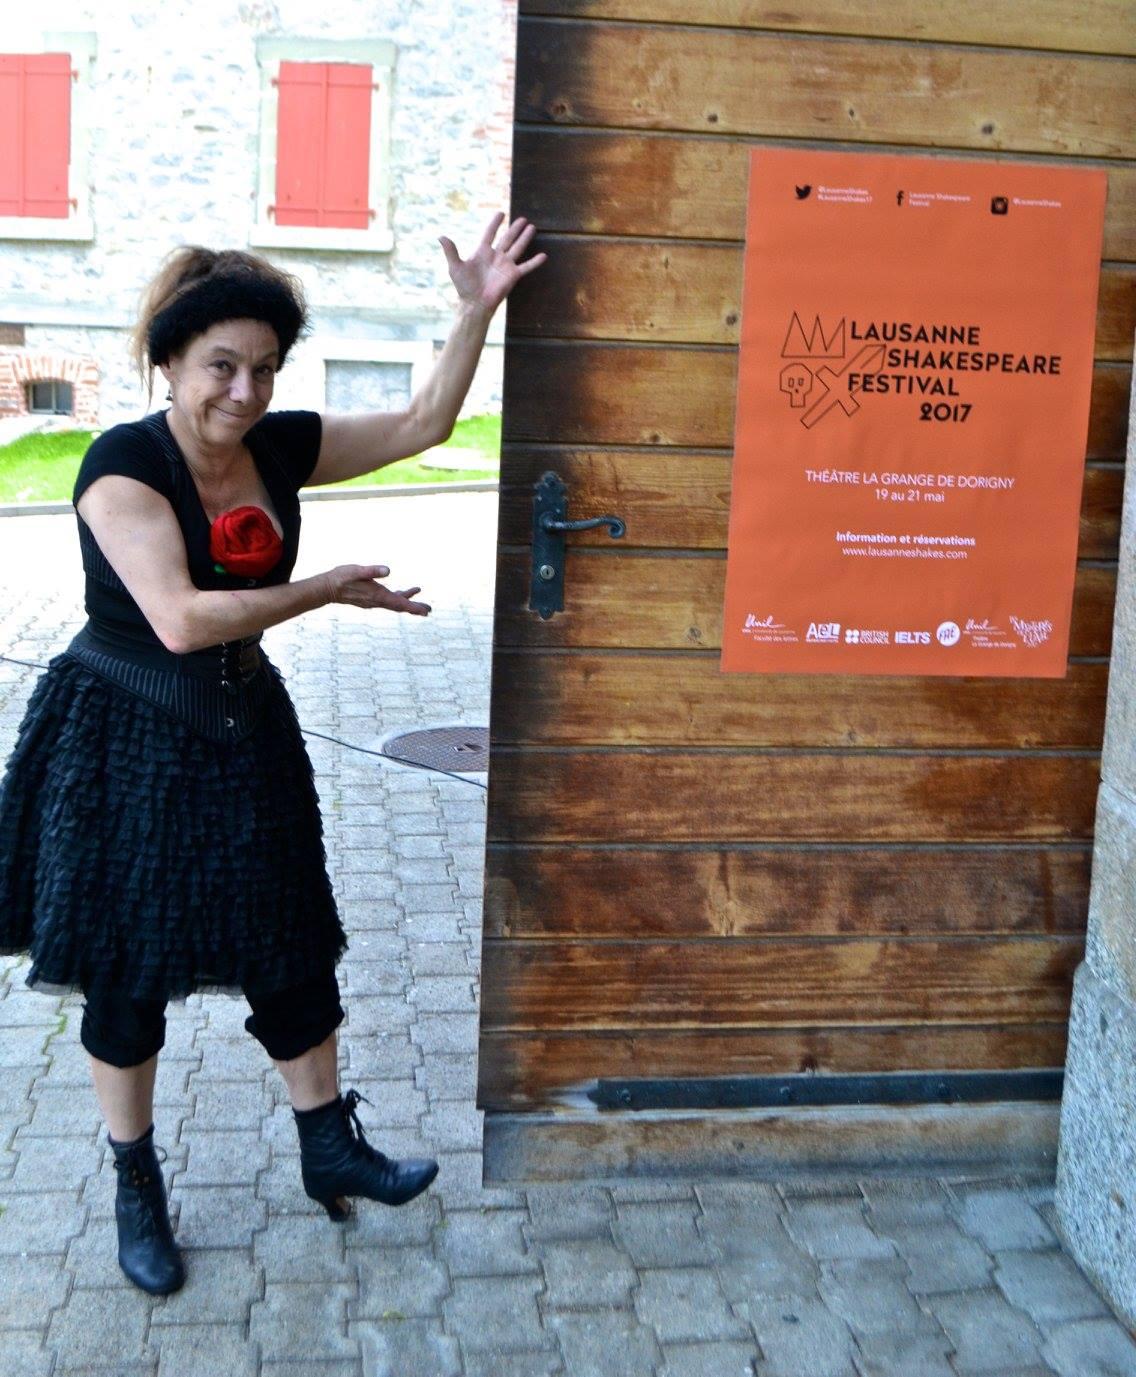 Dps Shakespeare Festival: Lausanne Shakespeare Festival